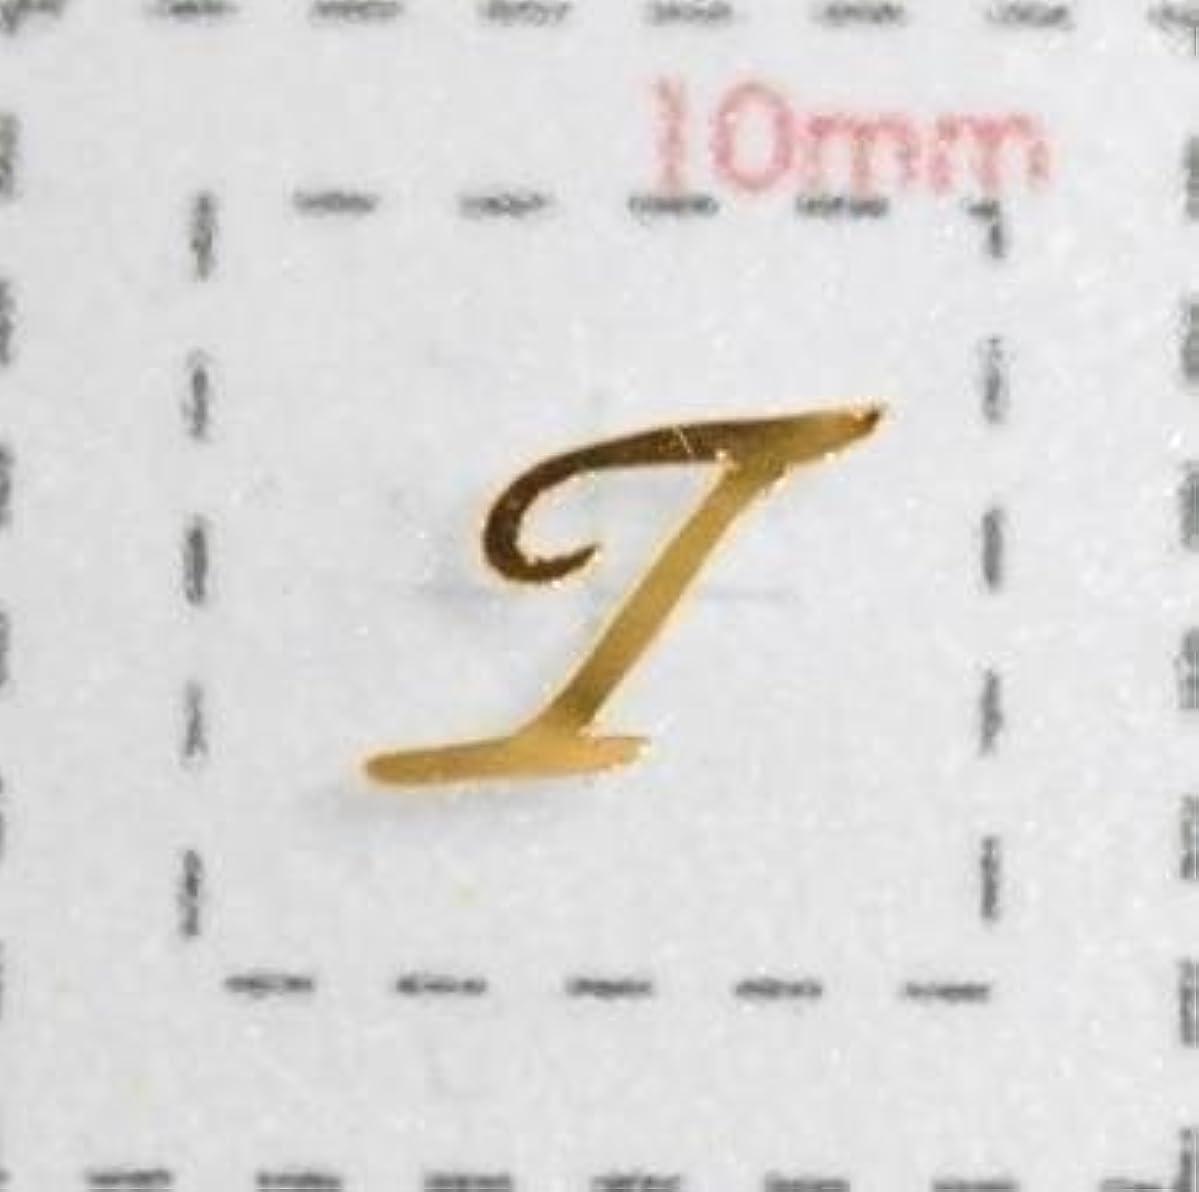 アラブ人家庭リングバックNameネイルシール【アルファベット?イニシャル】大文字ゴールド( T )1シート9枚入